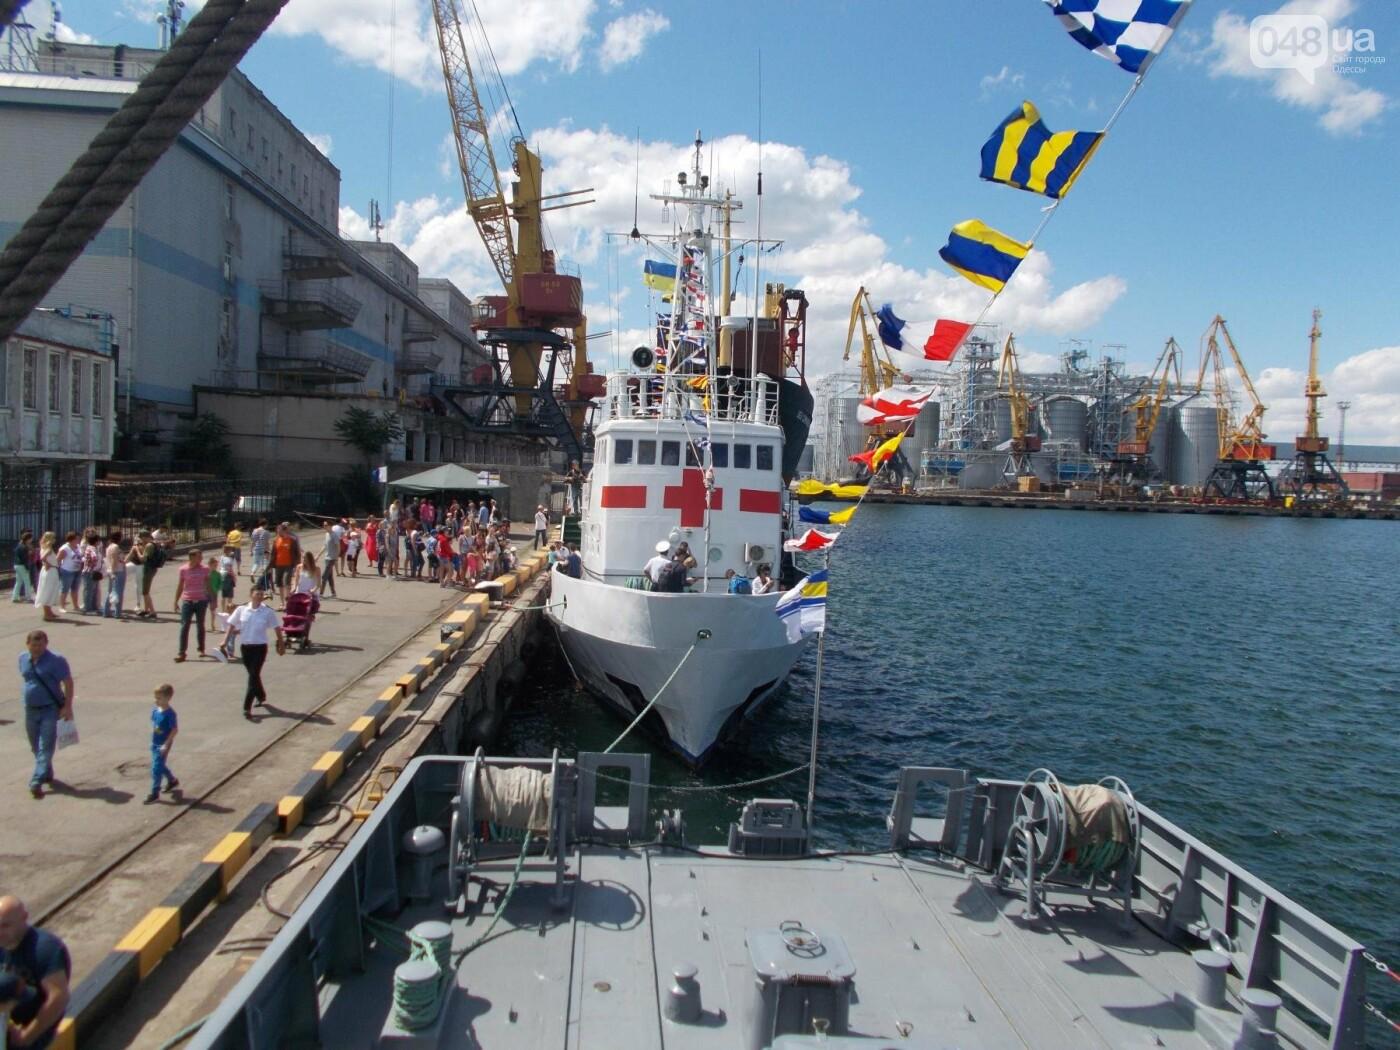 День Военно-морских сил Украины отпраздновали на Одесском морвокзале, - ФОТО , фото-29